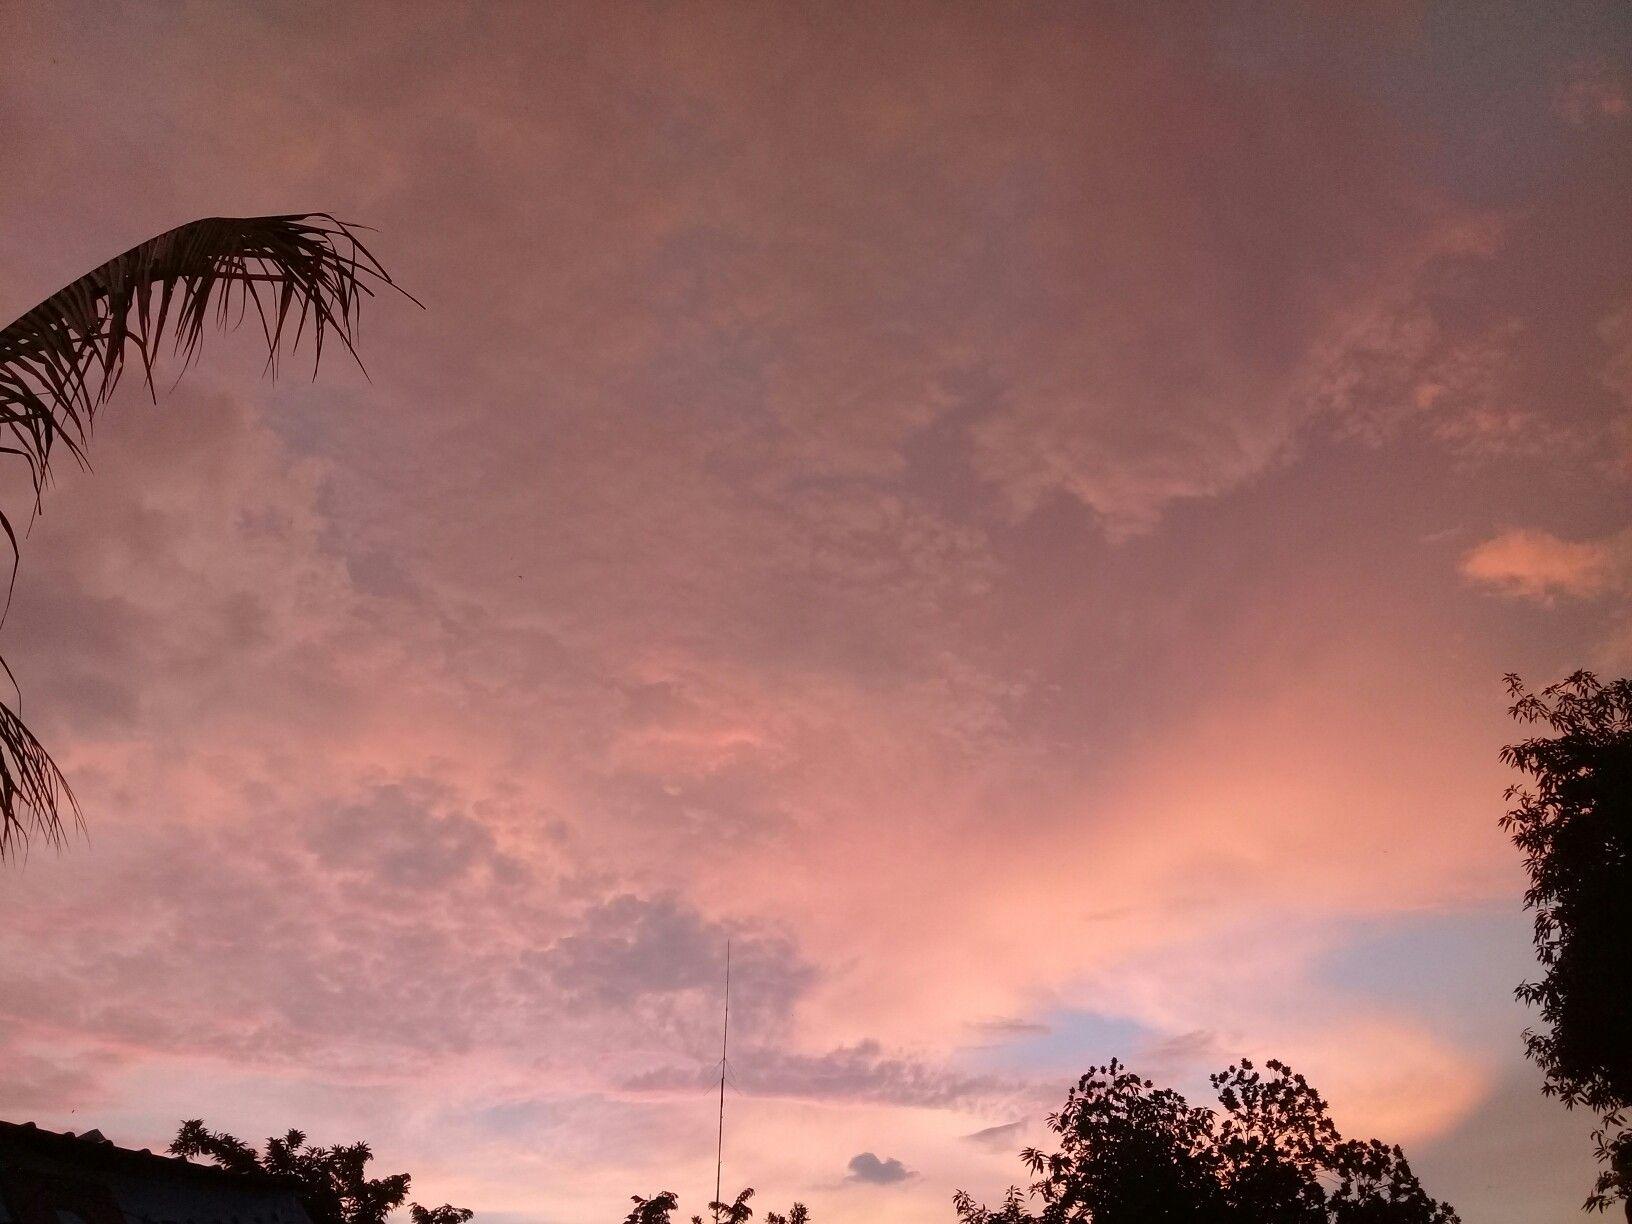 Pin Oleh Laurita Anggela Di Tempat Untuk Dikunjungi Di 2020 Matahari Terbenam Langit Lampu Lalu Lintas